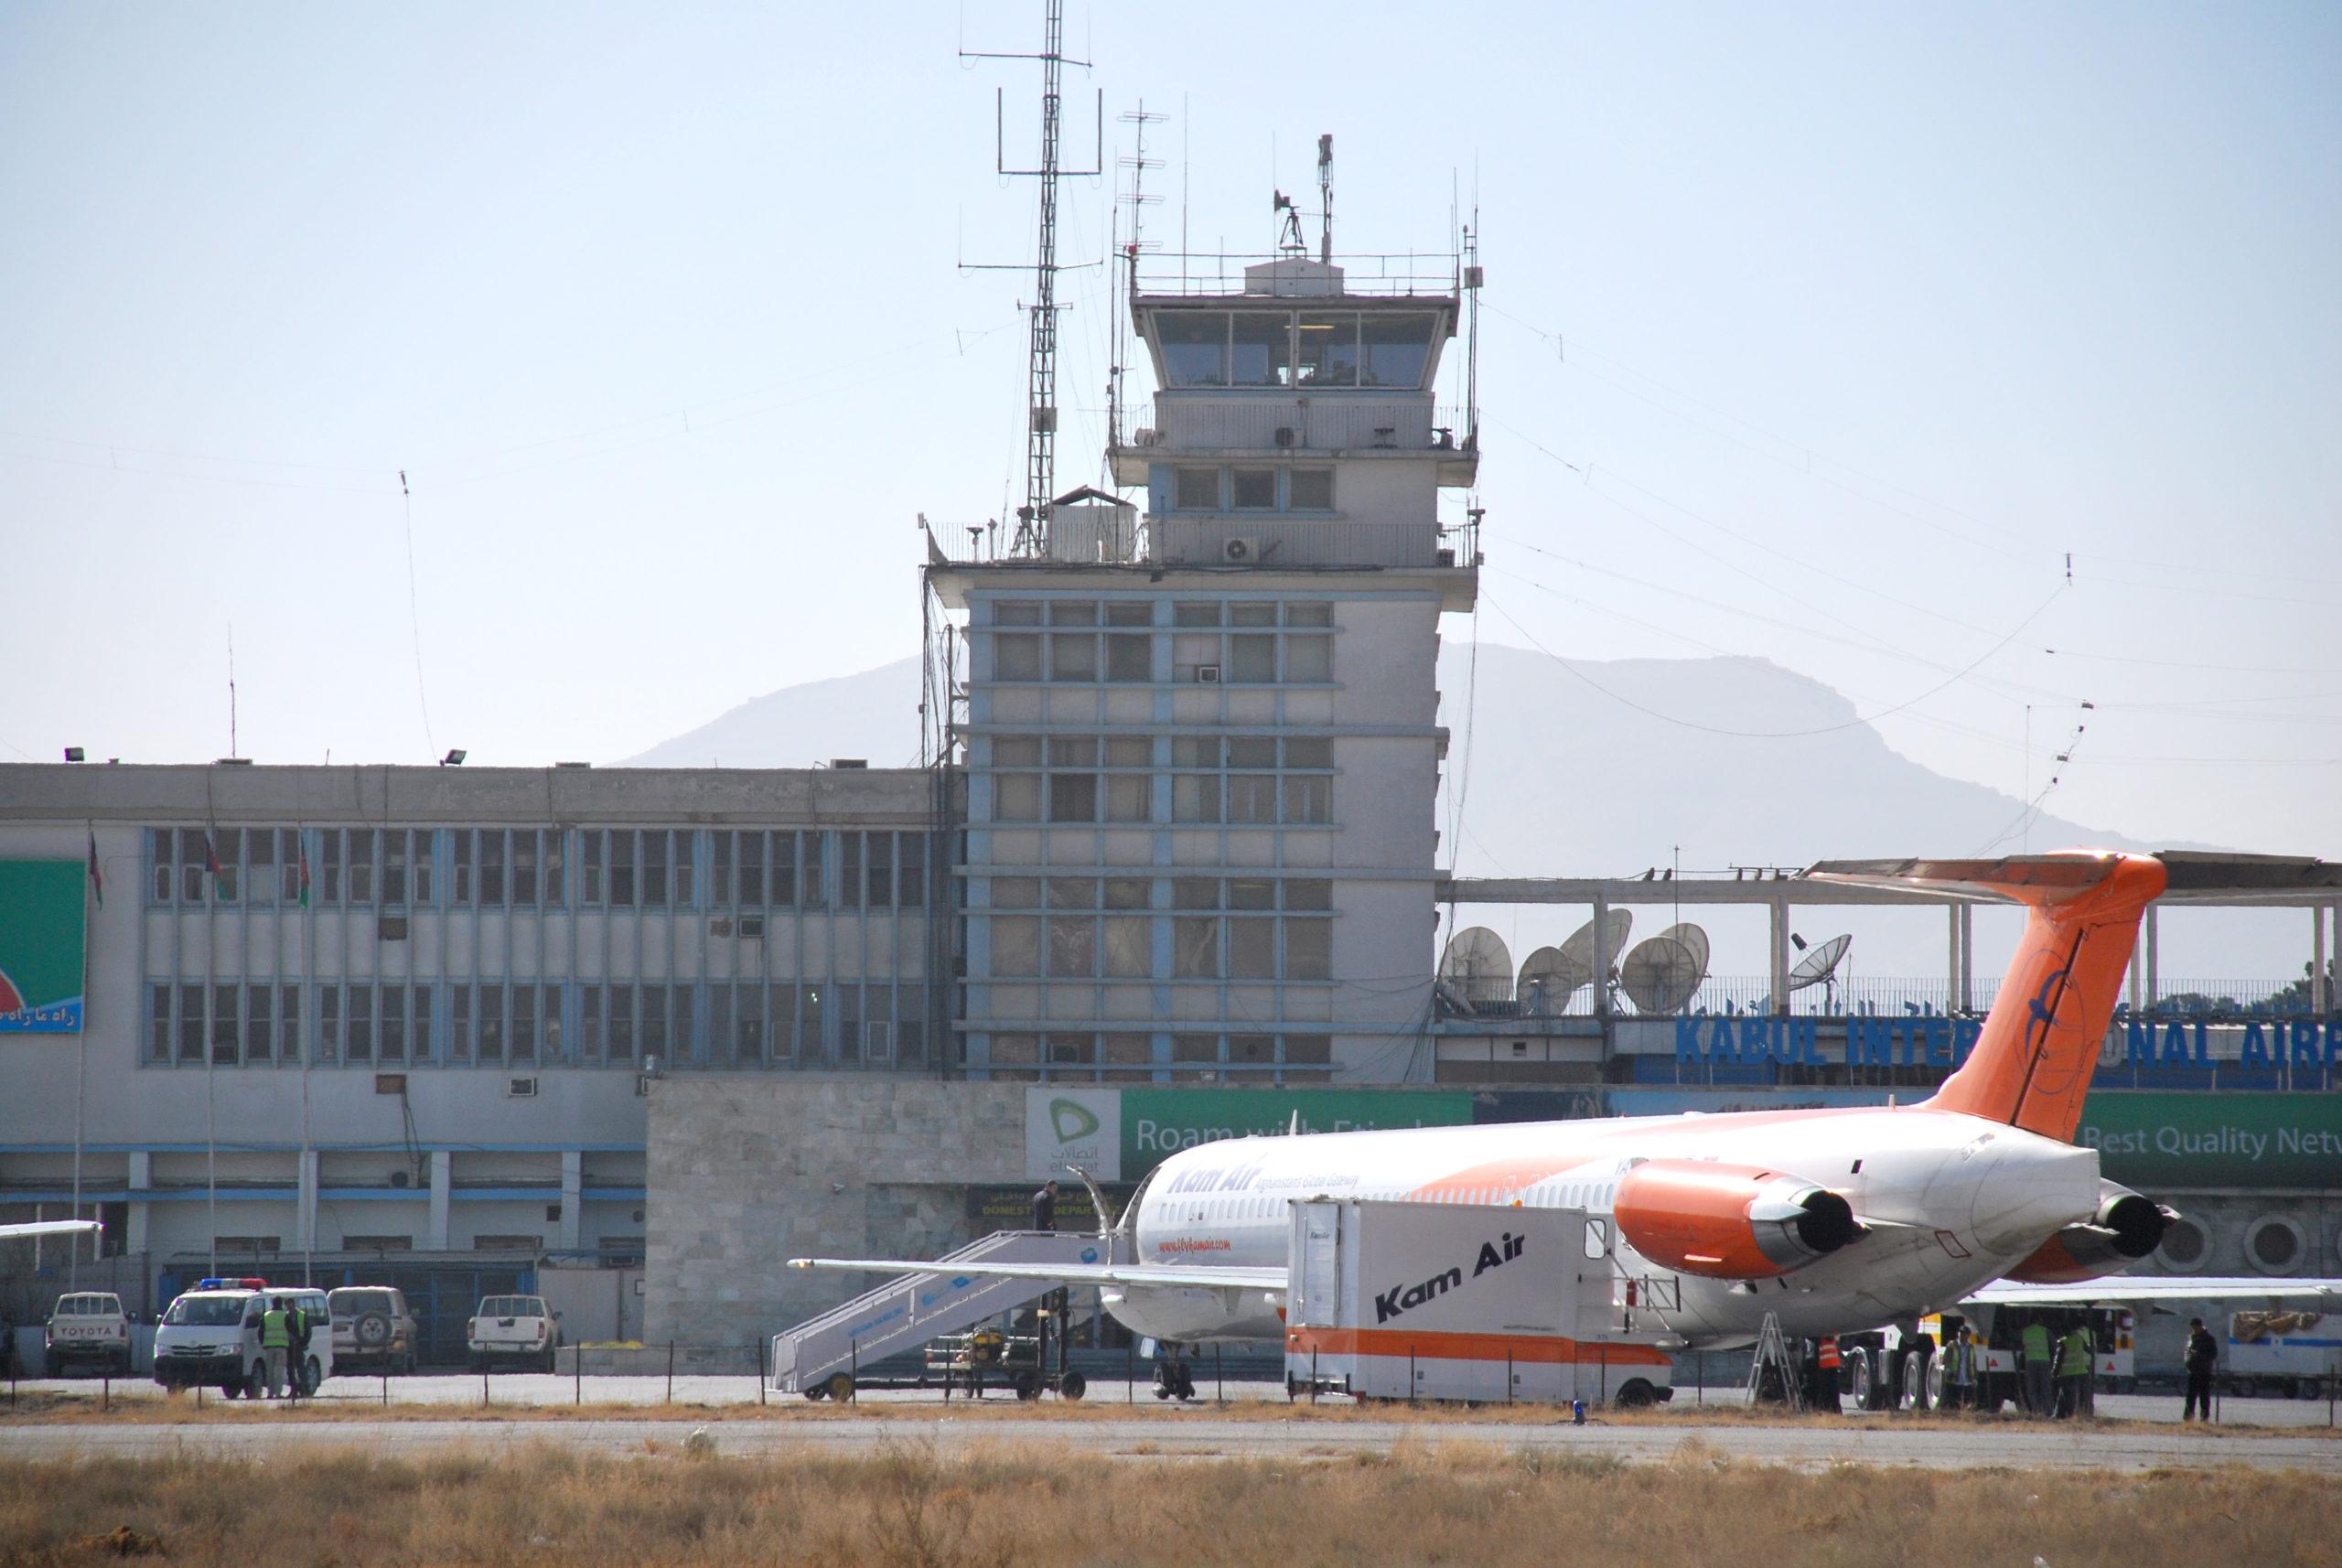 #VIDEO Colapsa aeropuerto de Kabul luego de que miles de personas intentaran salir